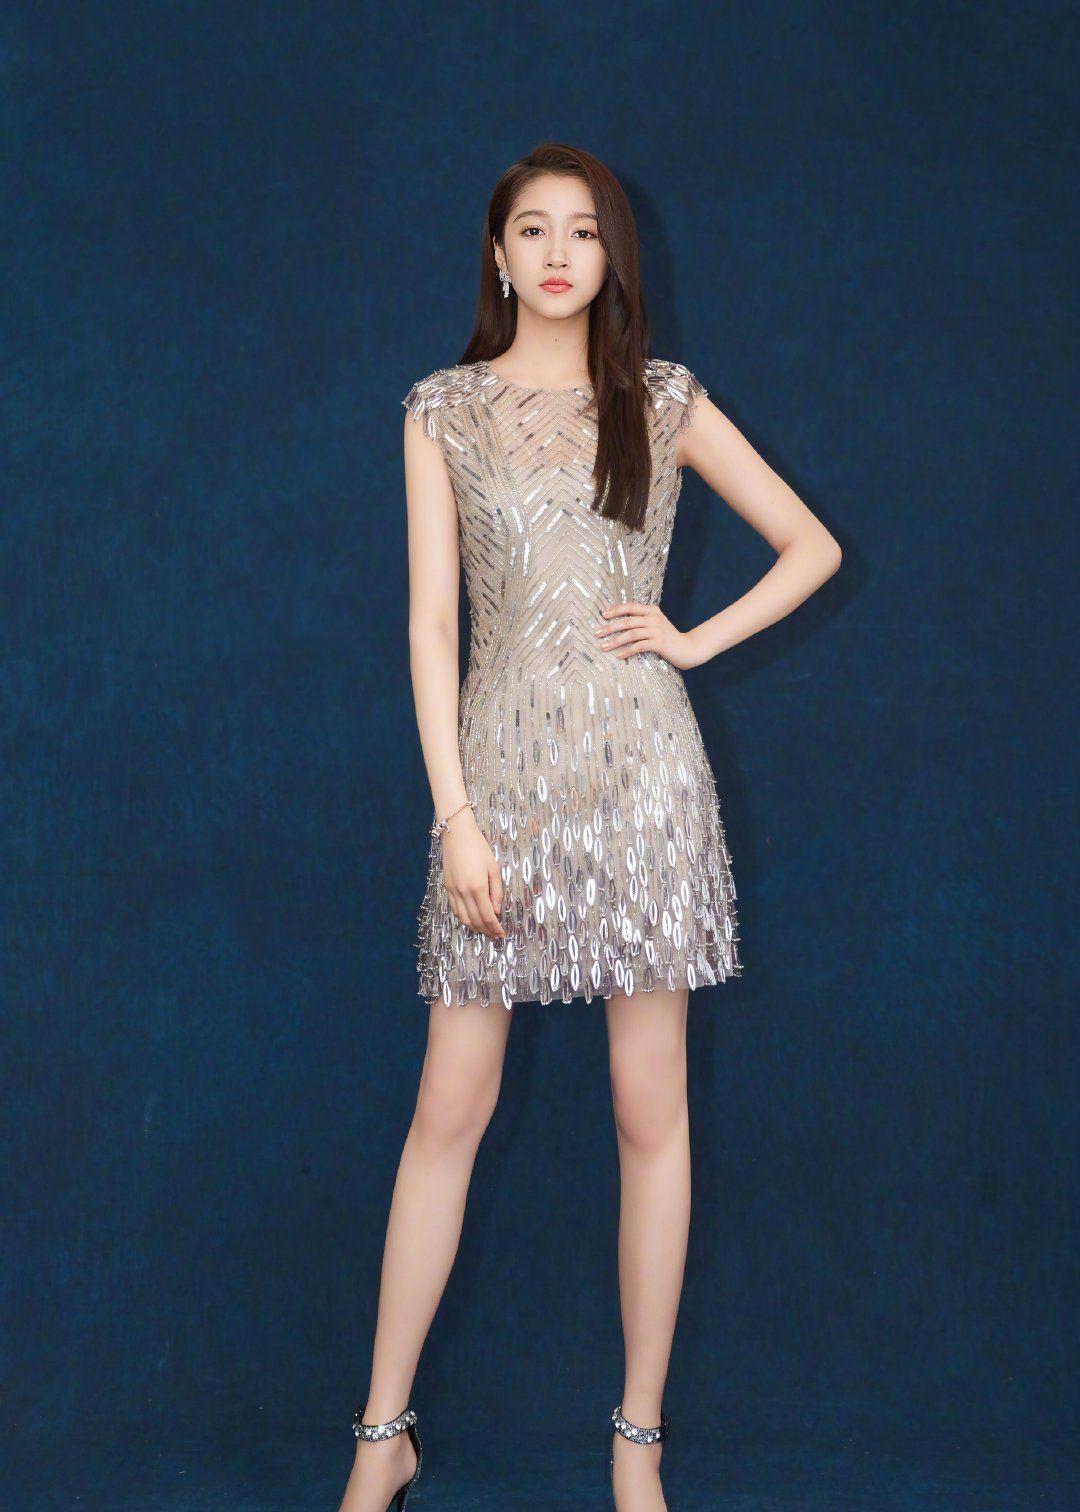 最新女星亮片裙盘点,白色系居多,她能驾驭玫红色却是最美